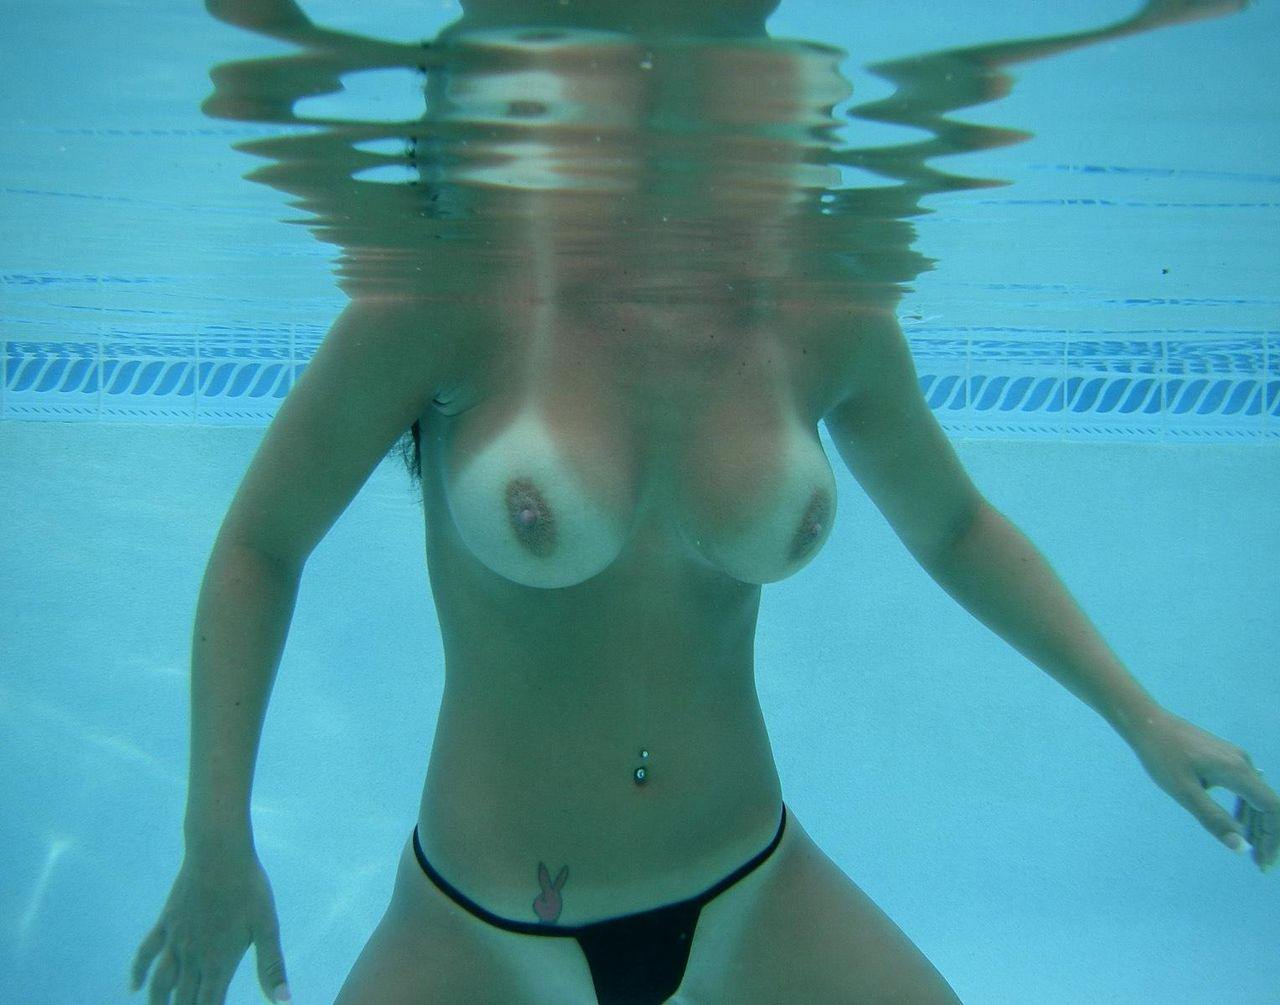 水中でエッチなおふざけしてる変質者wwww水着エロ画像 434